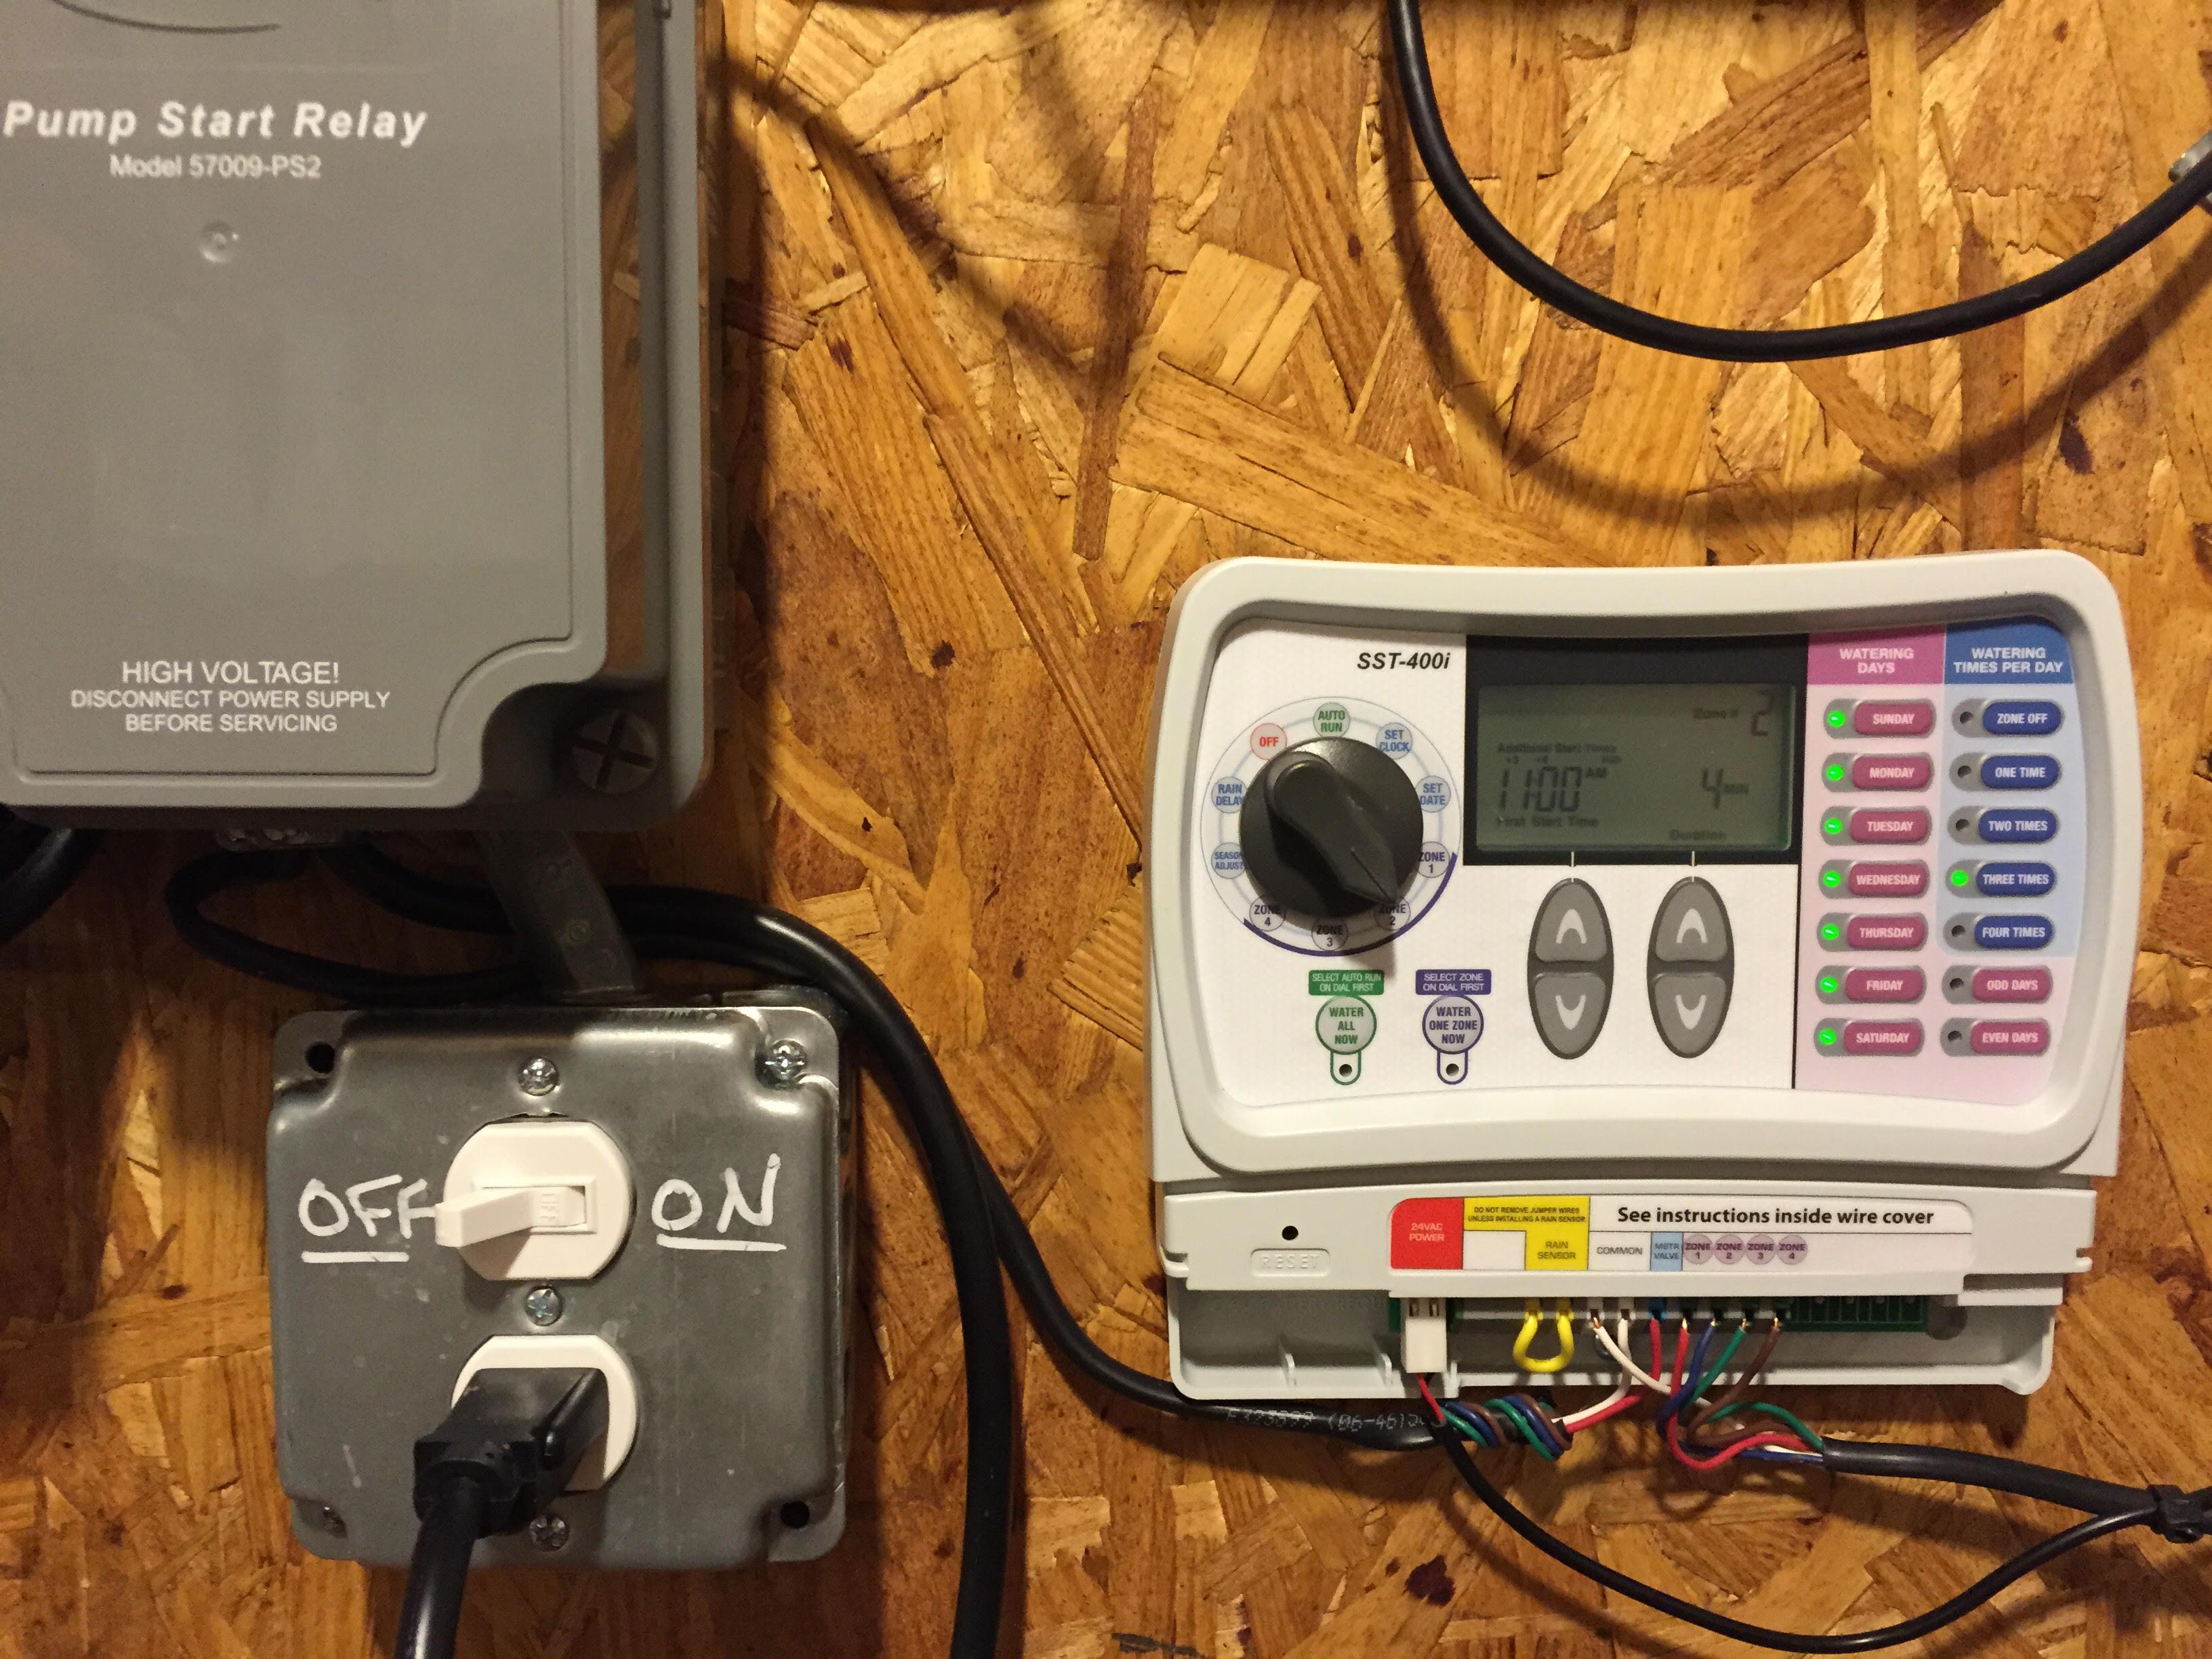 [TVPR_3874]  ZO_9878] Orbit Pump Start Relay Wiring Diagram Wiring Diagram | Orbit Pump Relay Wiring Diagram |  | Caba Viha Exmet Mohammedshrine Librar Wiring 101